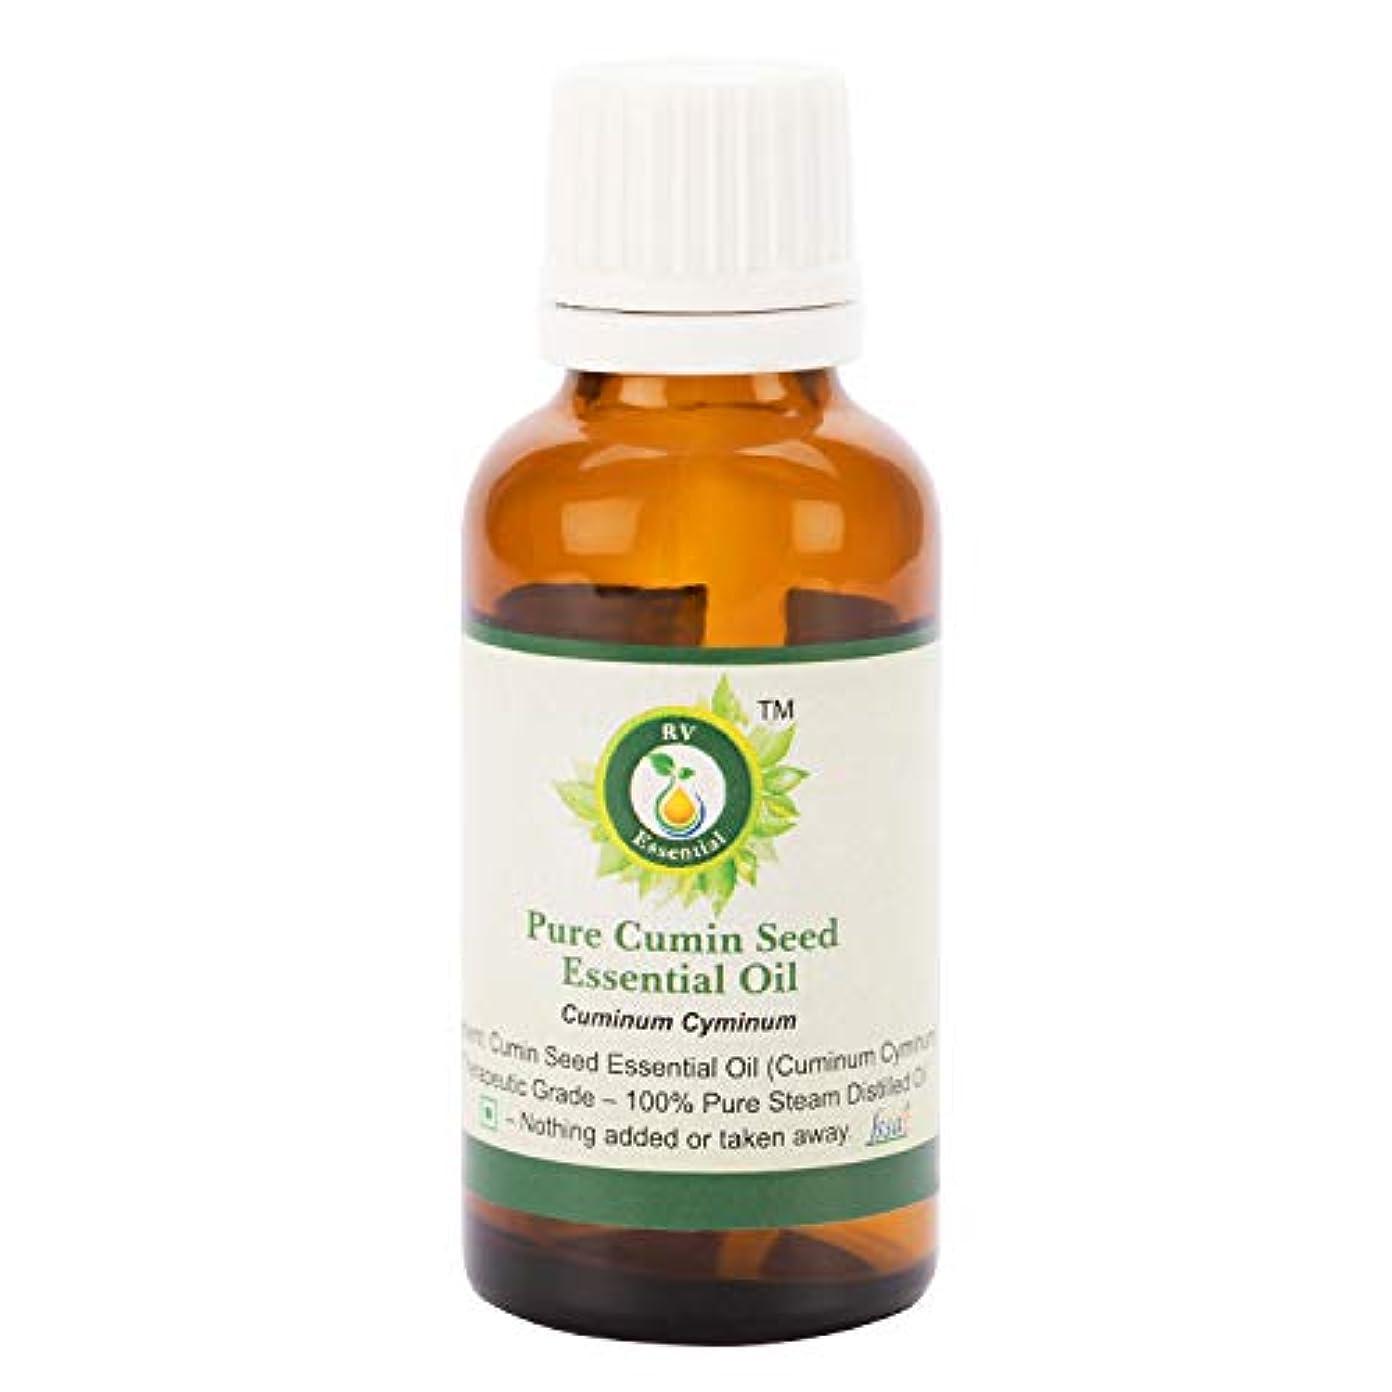 描く経験的博物館ピュアクミンシードエッセンシャルオイル5ml (0.169oz)- Cuminum Cyminum (100%純粋&天然スチームDistilled) Pure Cumin Seed Essential Oil